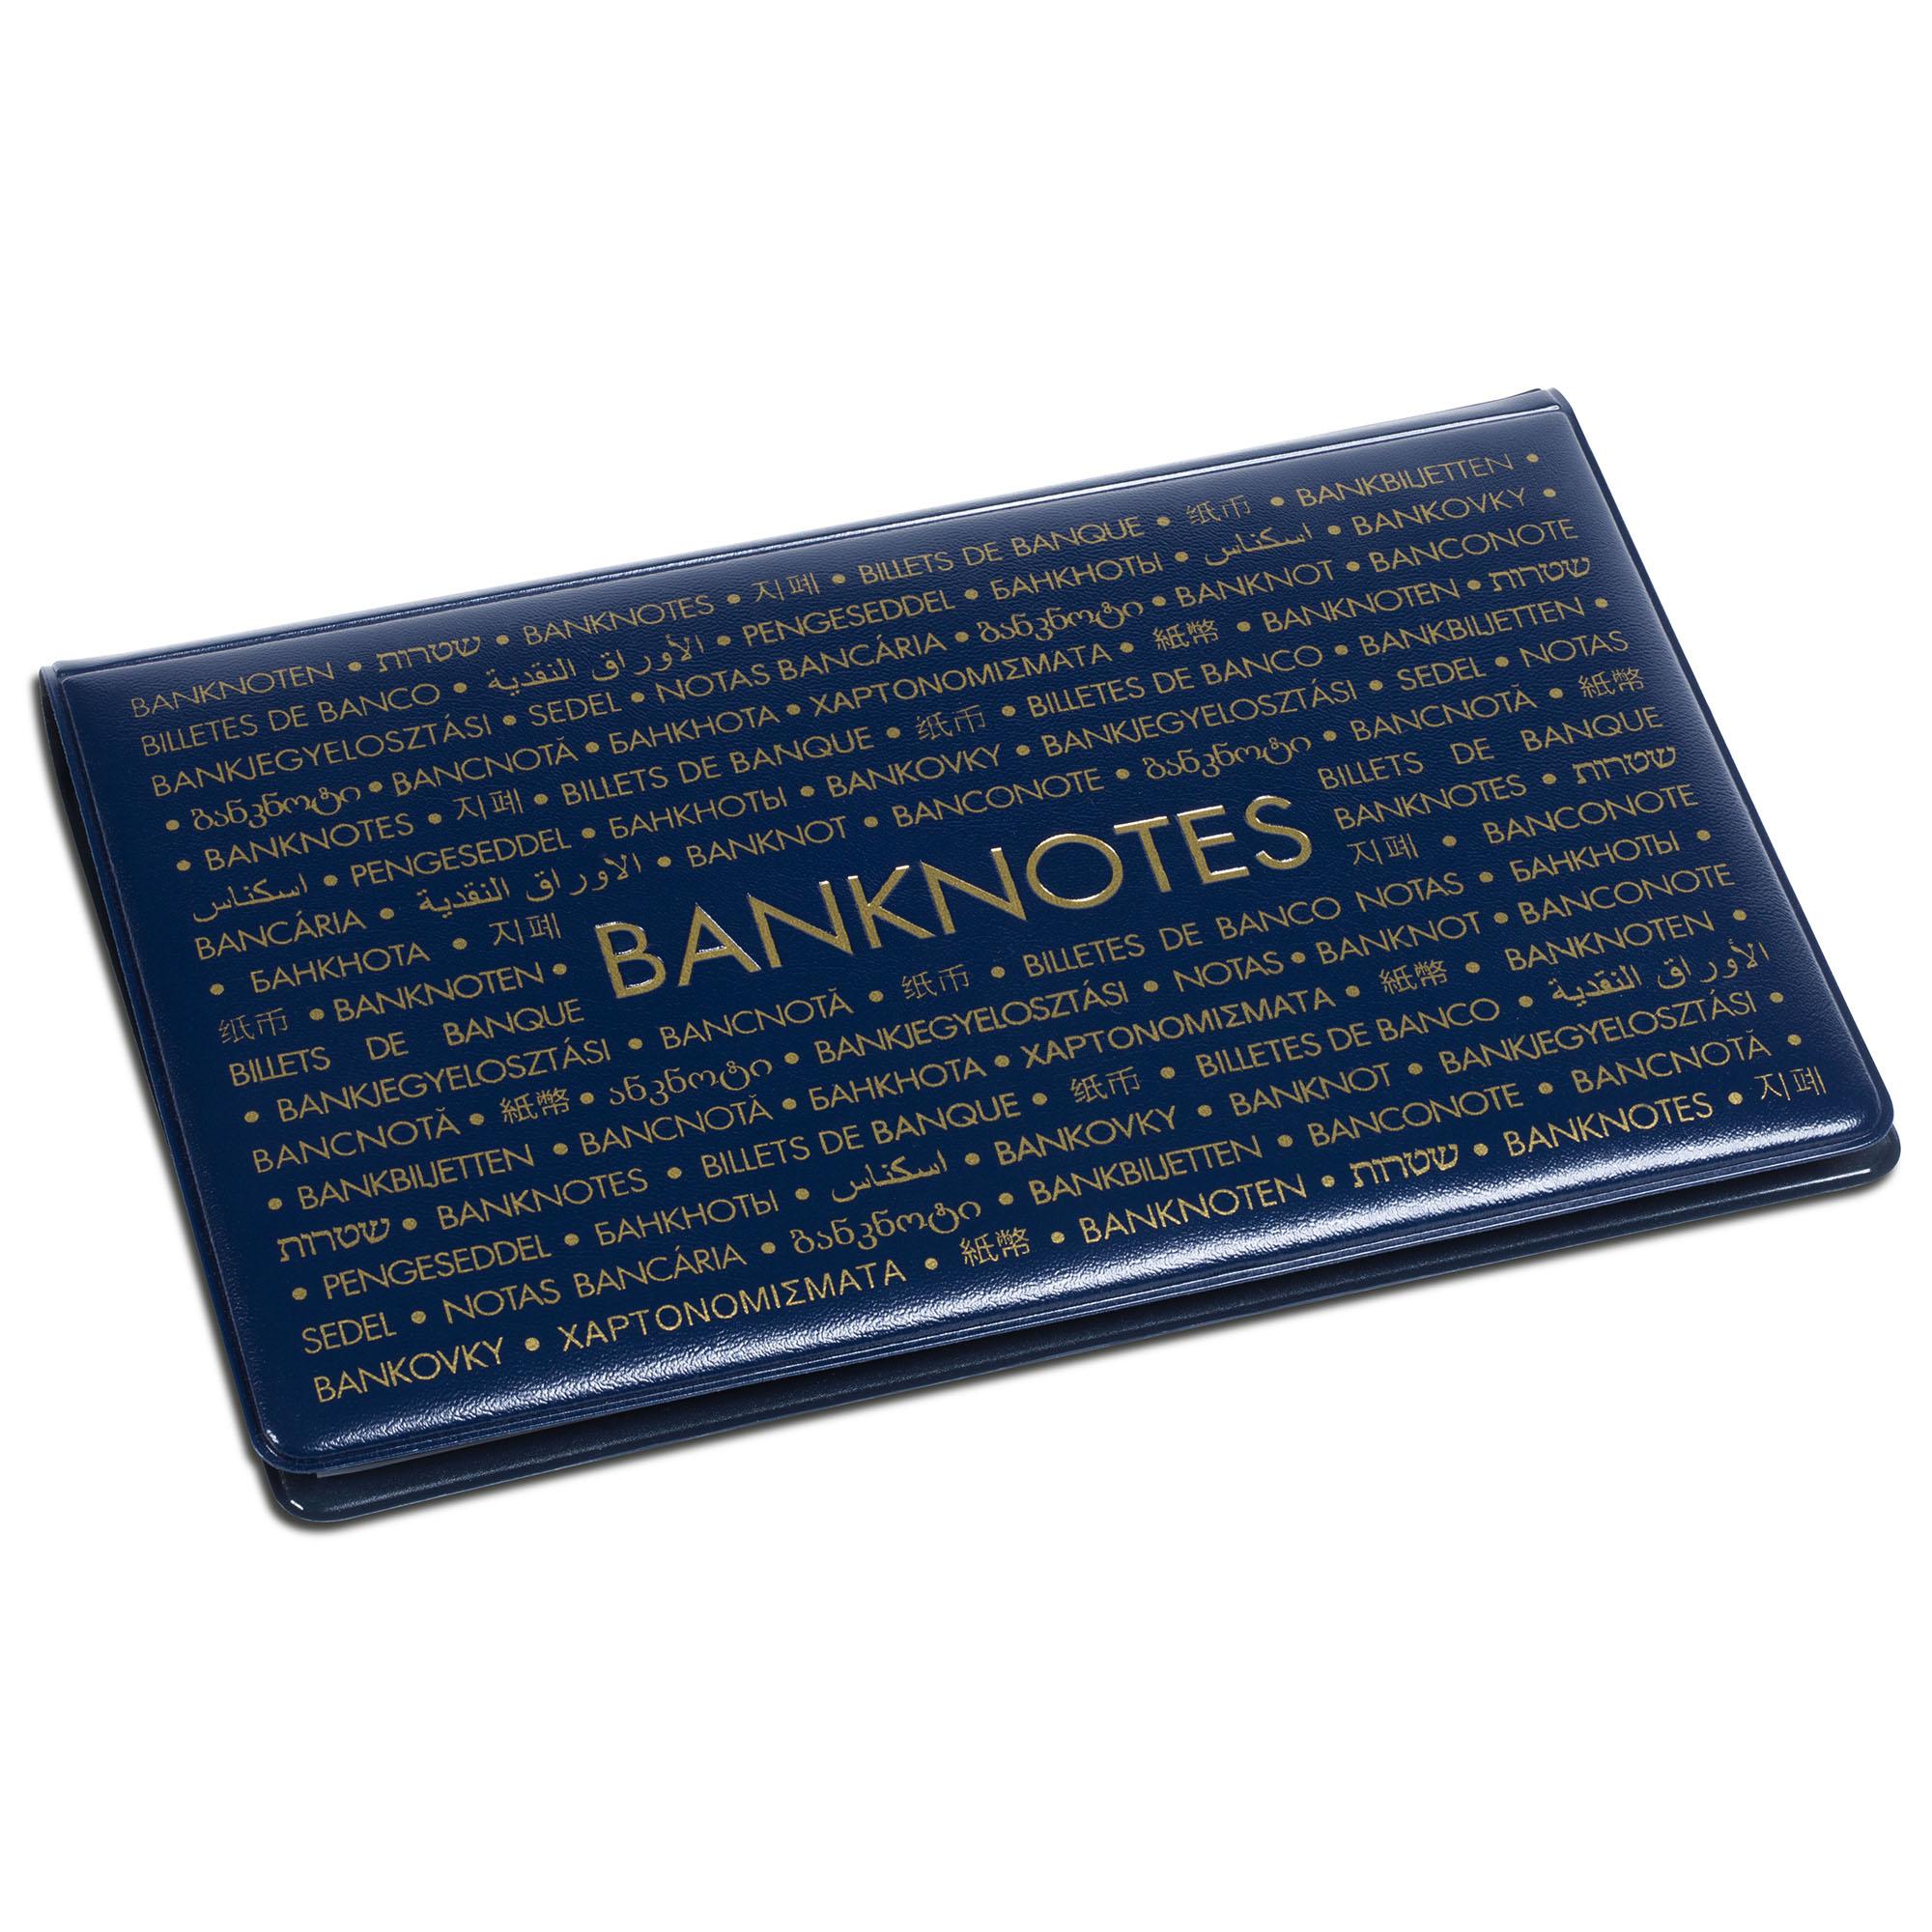 Карманный альбом Route 182 для банкнот